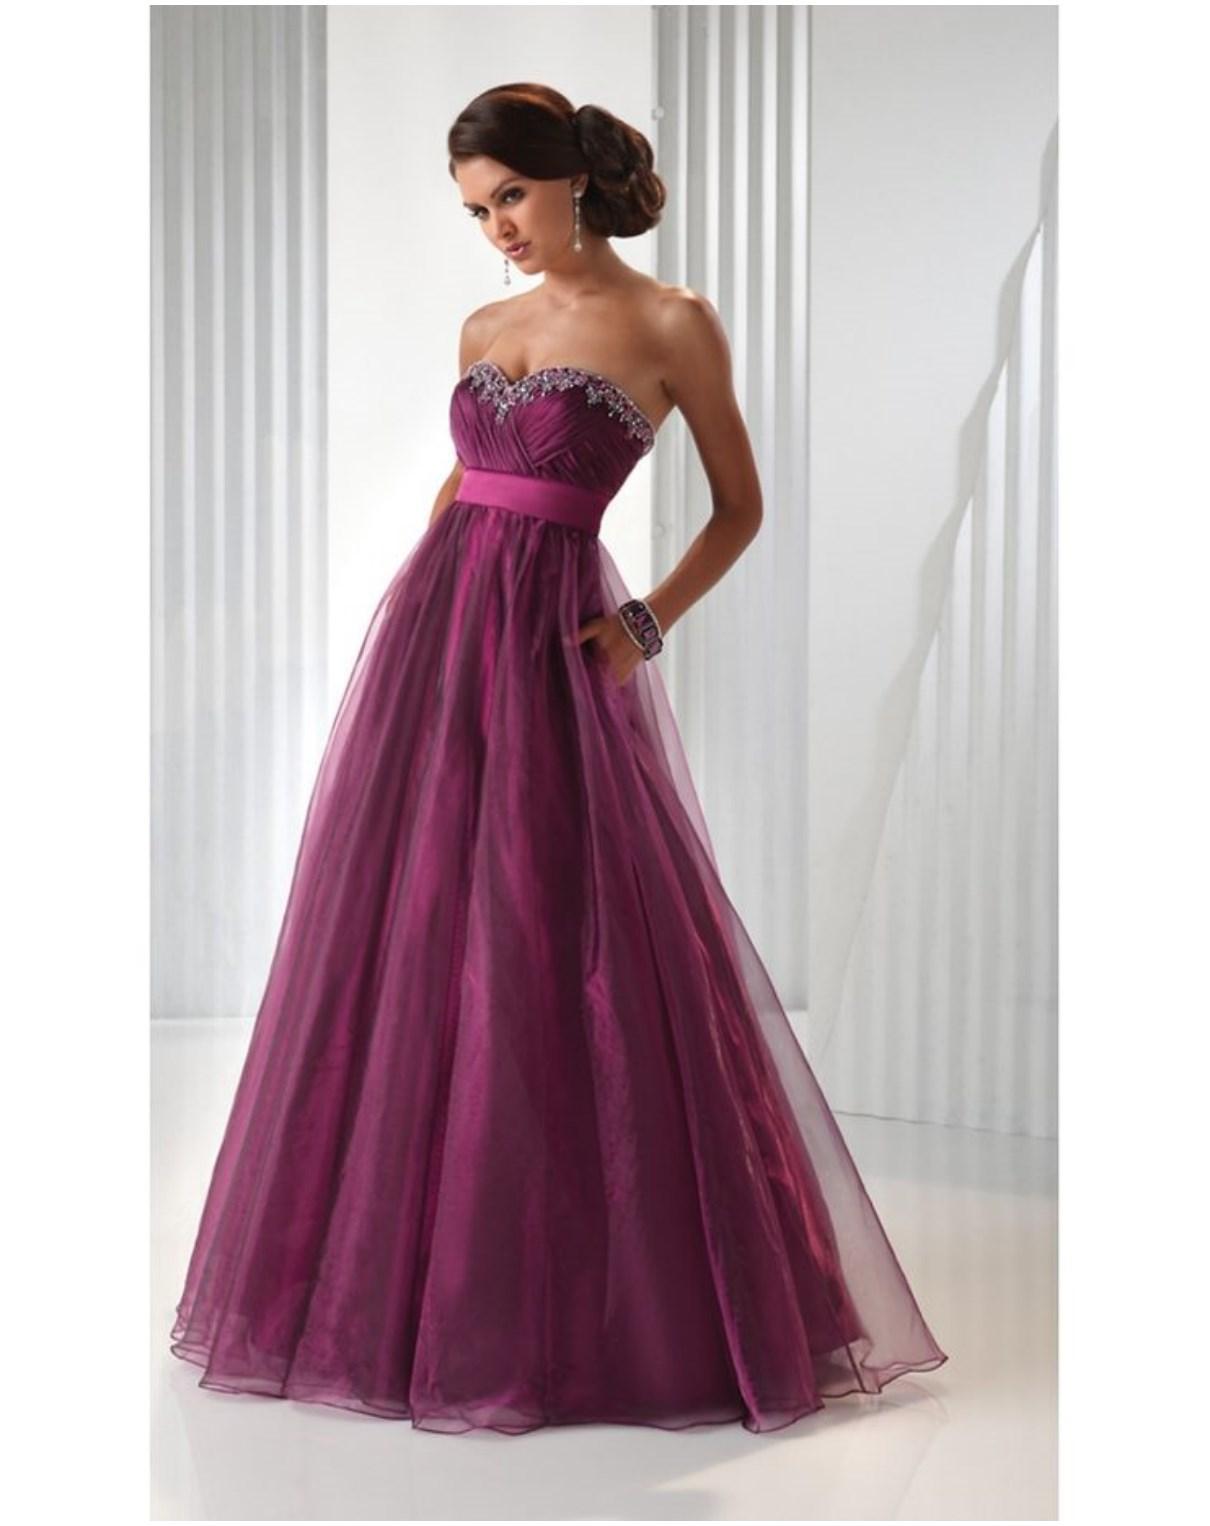 Lovely Online Prom Dresses Canada for Girls